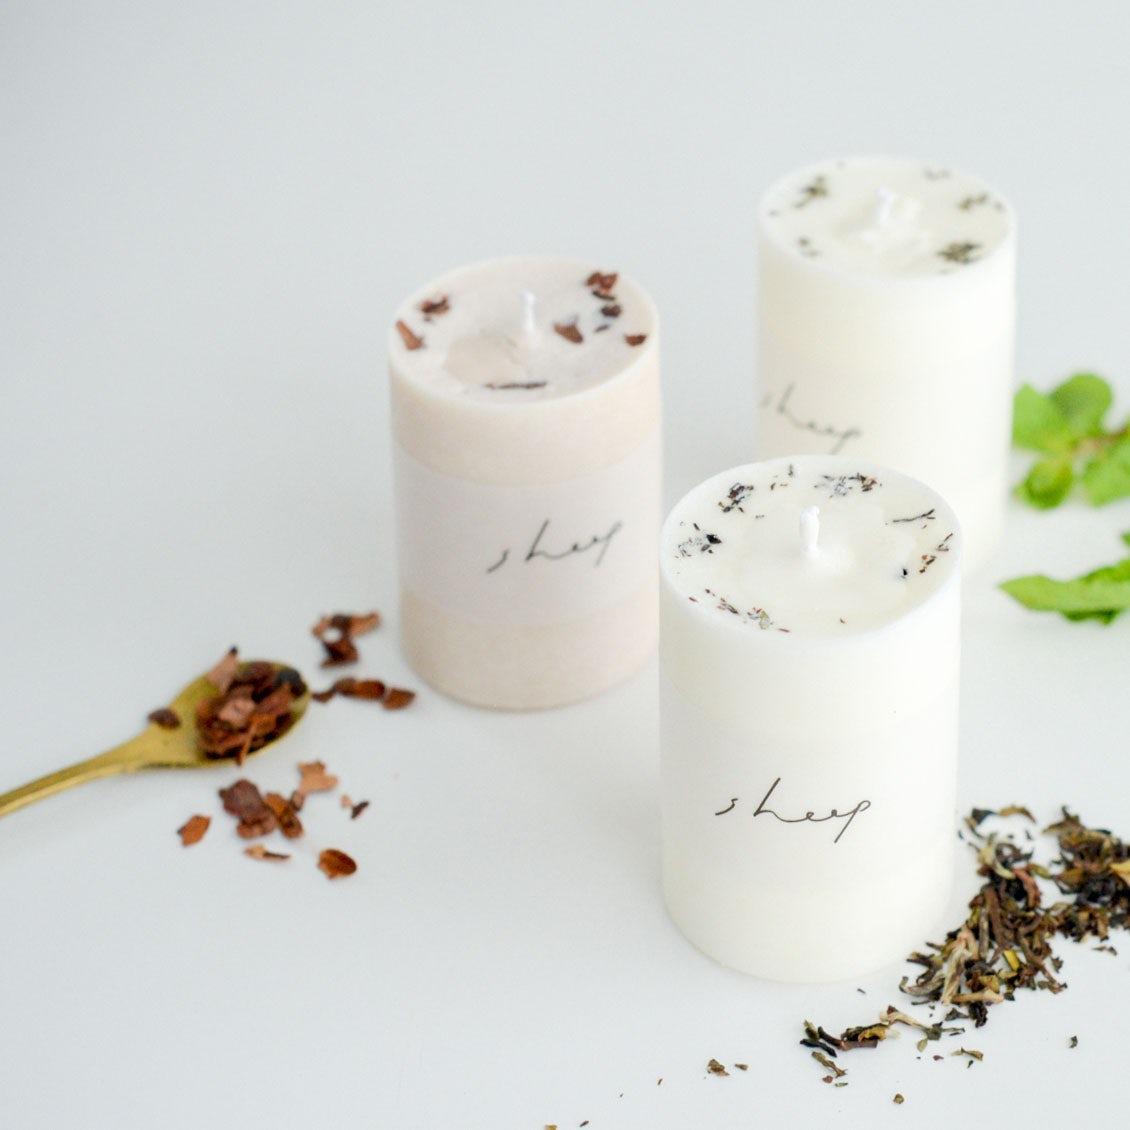 【新商品】ほっと一息つけるような癒しを。優しい光と香りで包んでくれるソイキャンドルが本日より発売です。